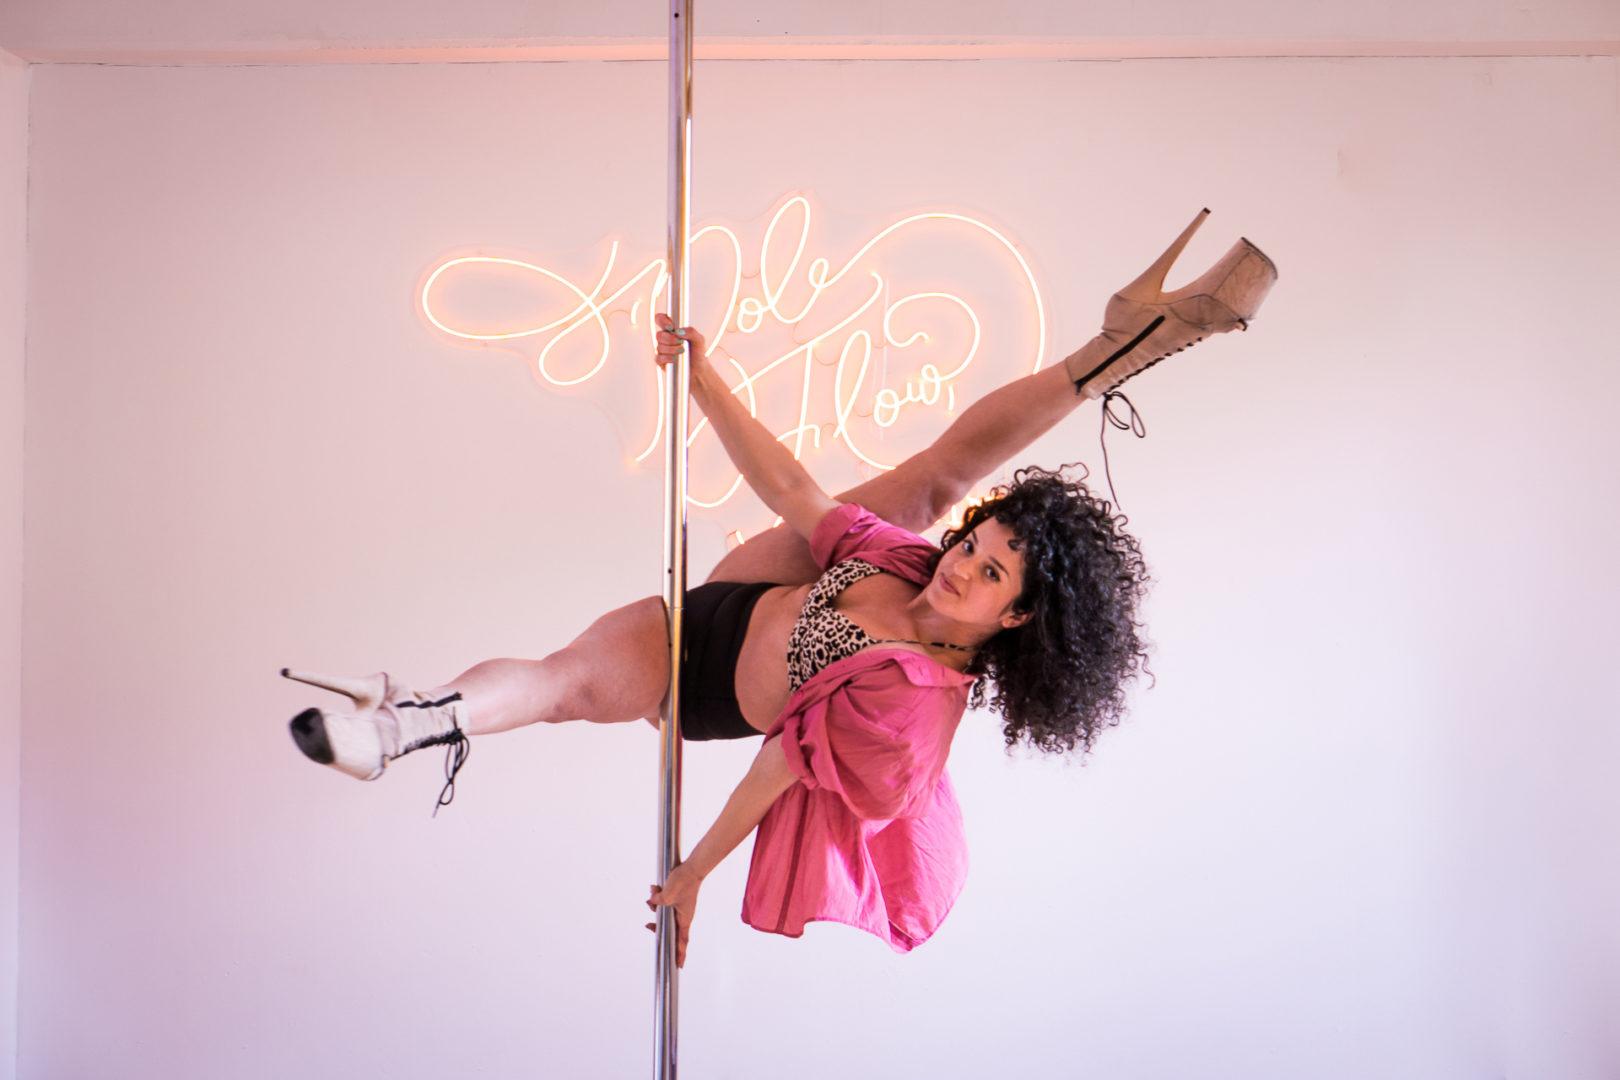 pole dancer in berlin on pole dance stange